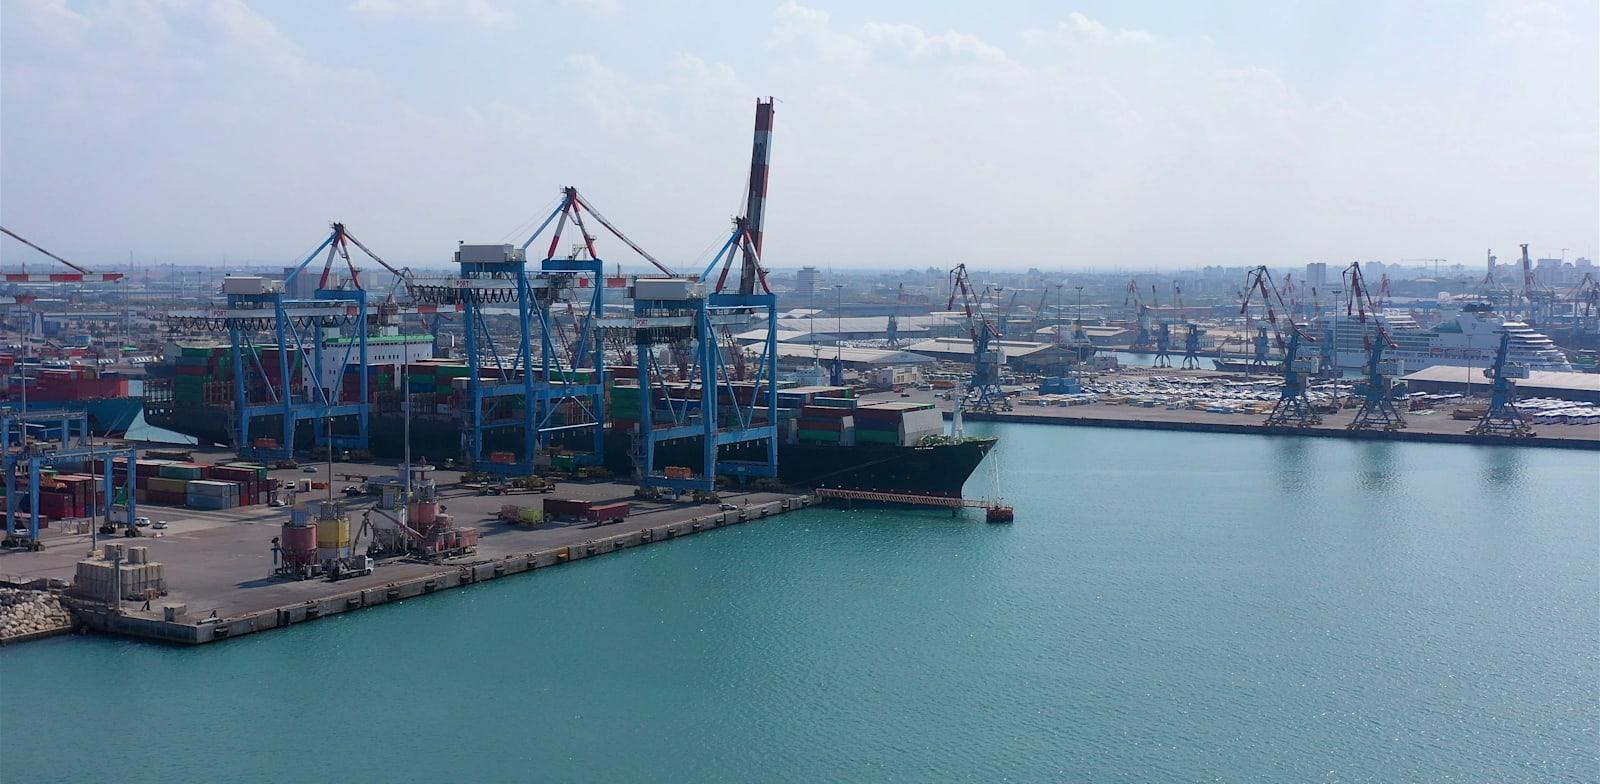 נמל אשדוד / צילום: Shutterstock, ImageBank4u